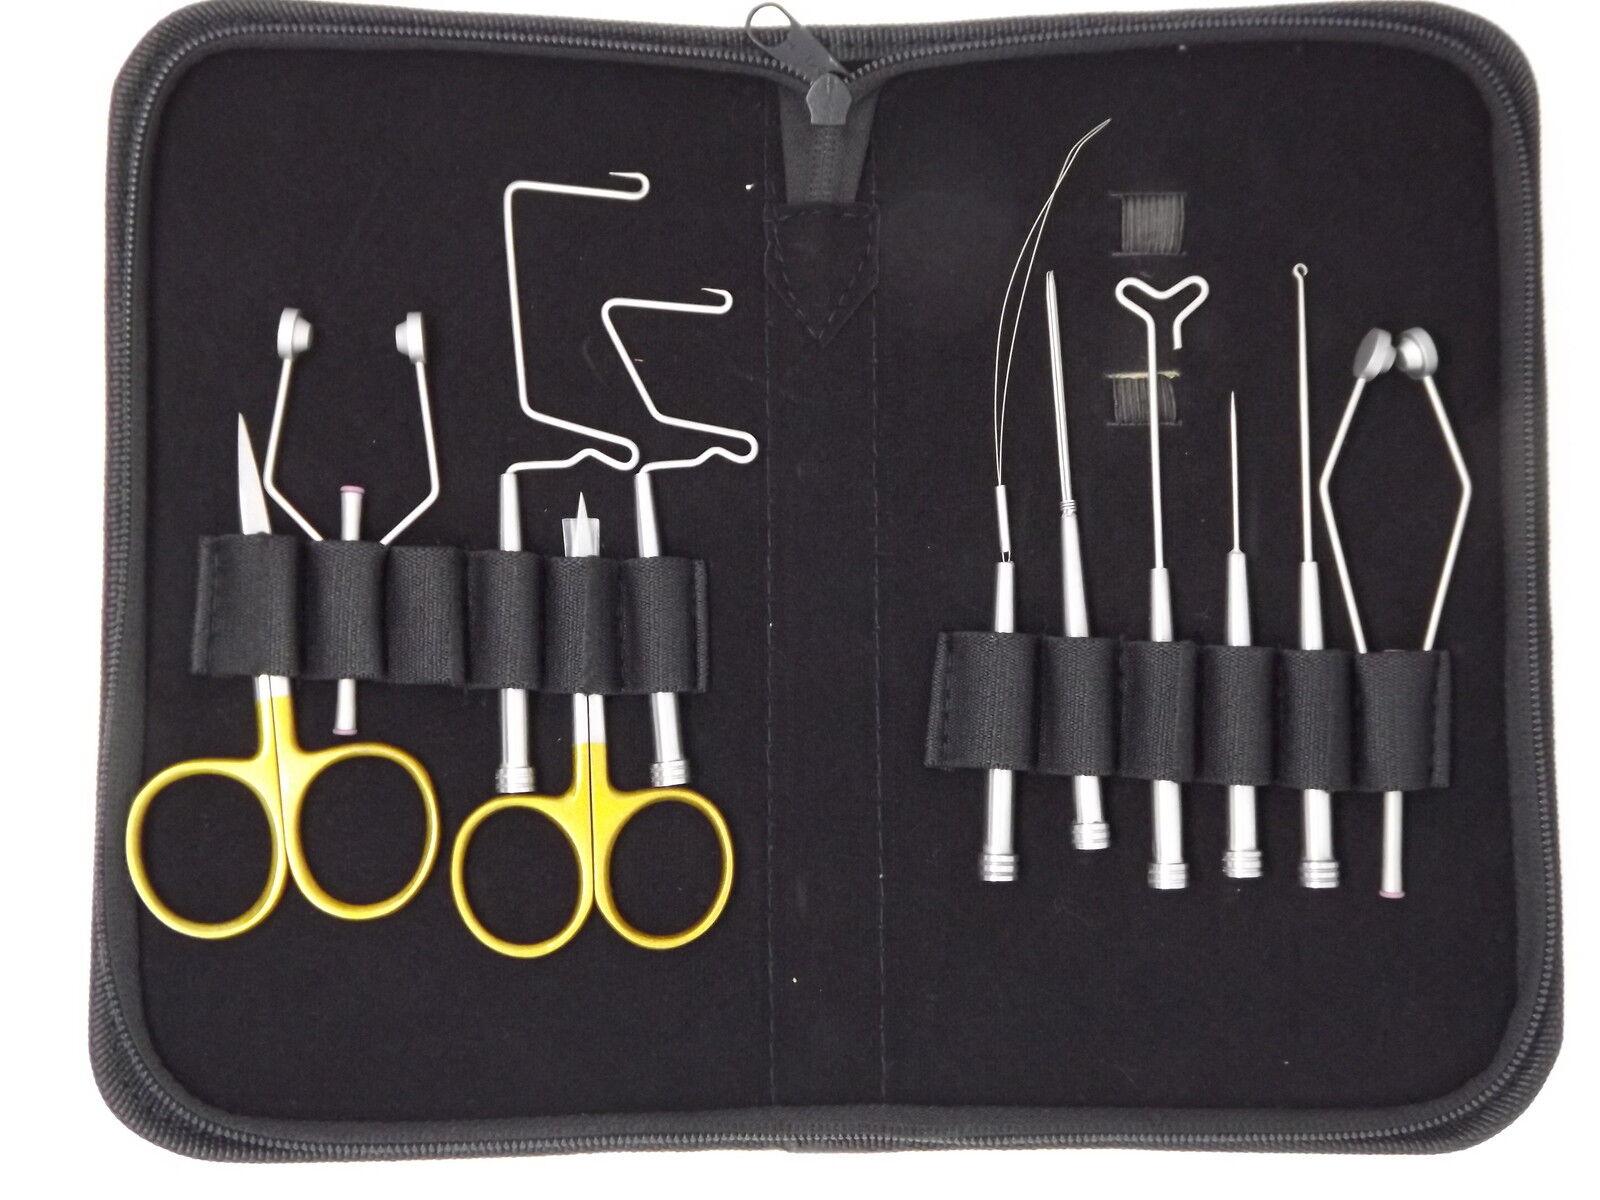 Svv Fly Tying Tool Kit, Fly abbinamento di materiali, strumenti